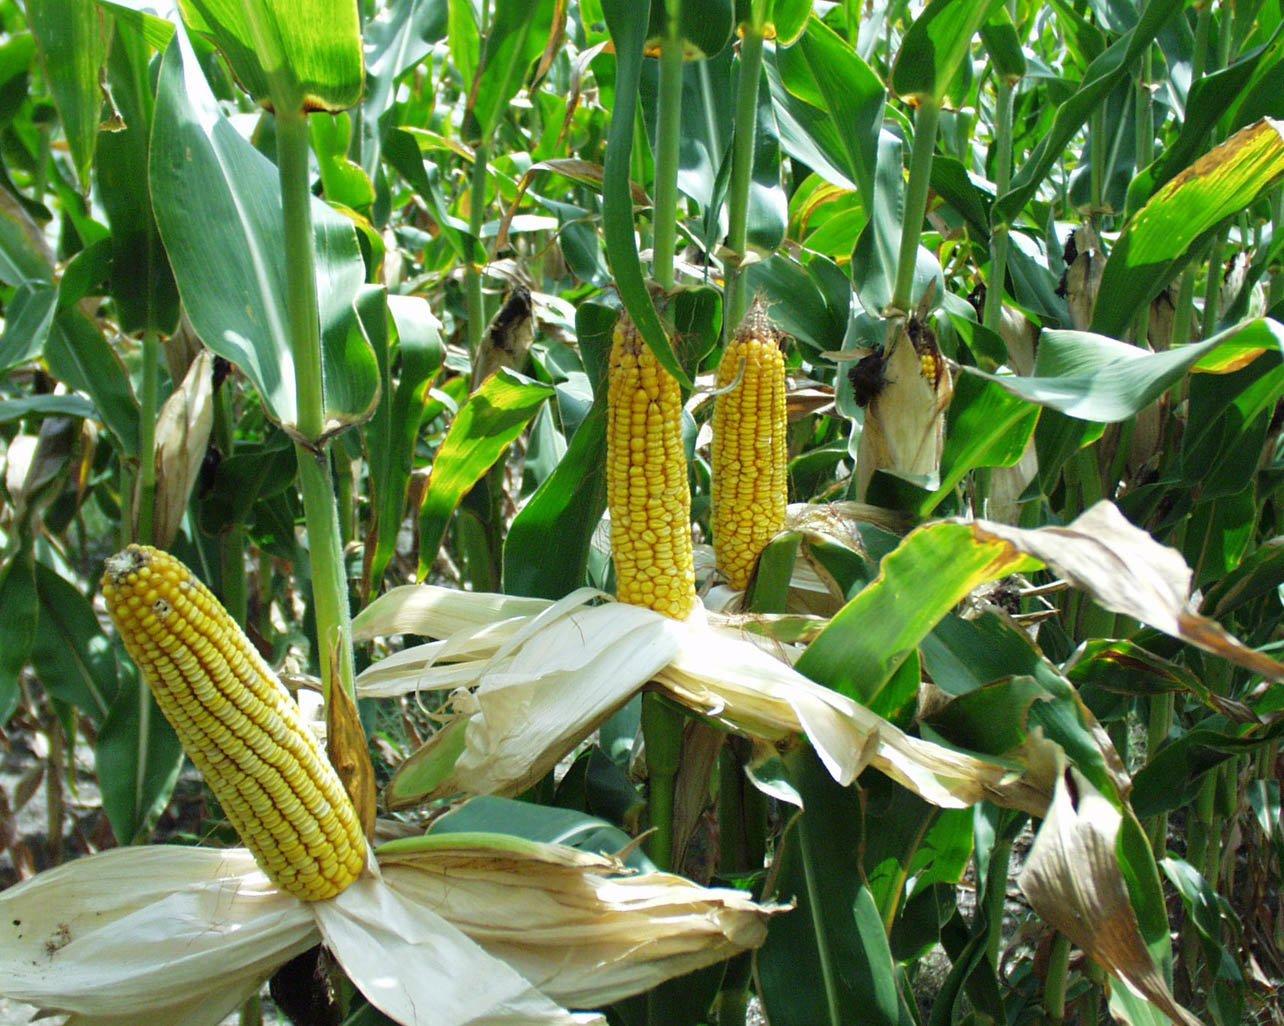 corn photos wallpaper 72176